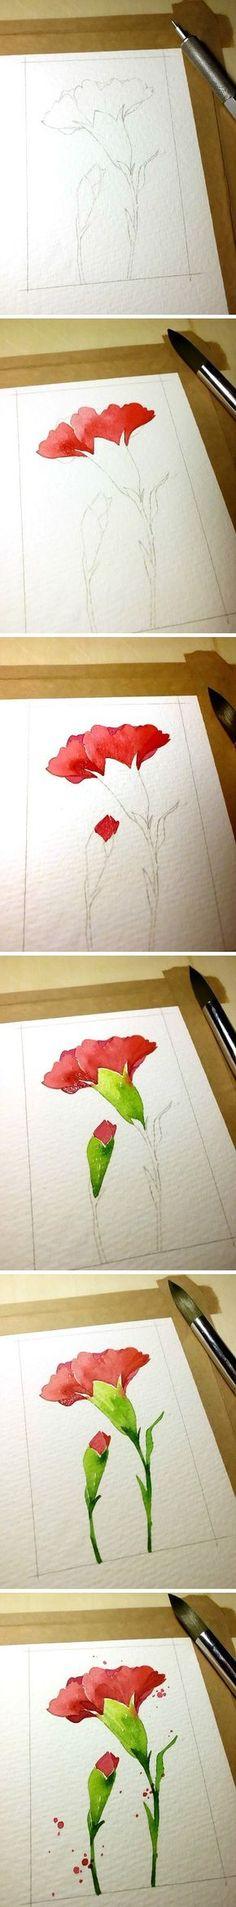 【绘画教程awww